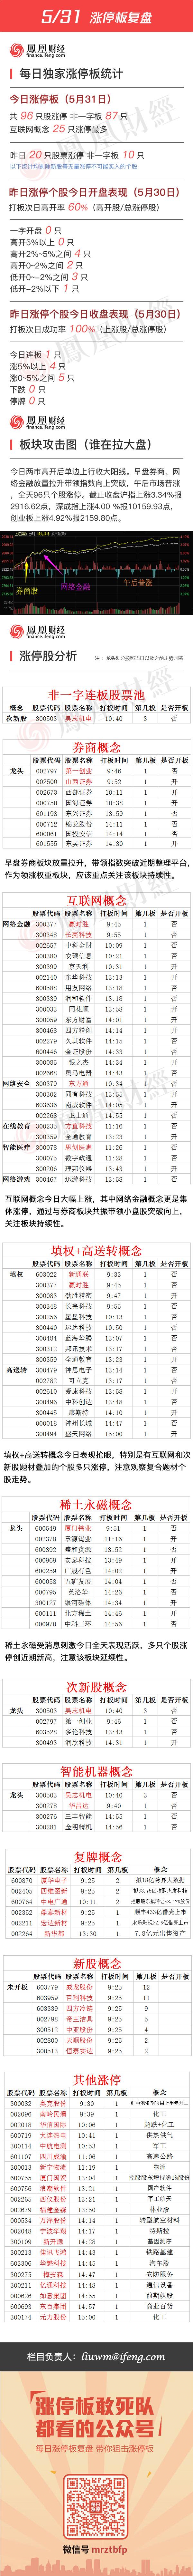 2016年5月31日涨停板复盘 - 小美 - xing1969wuw的博客